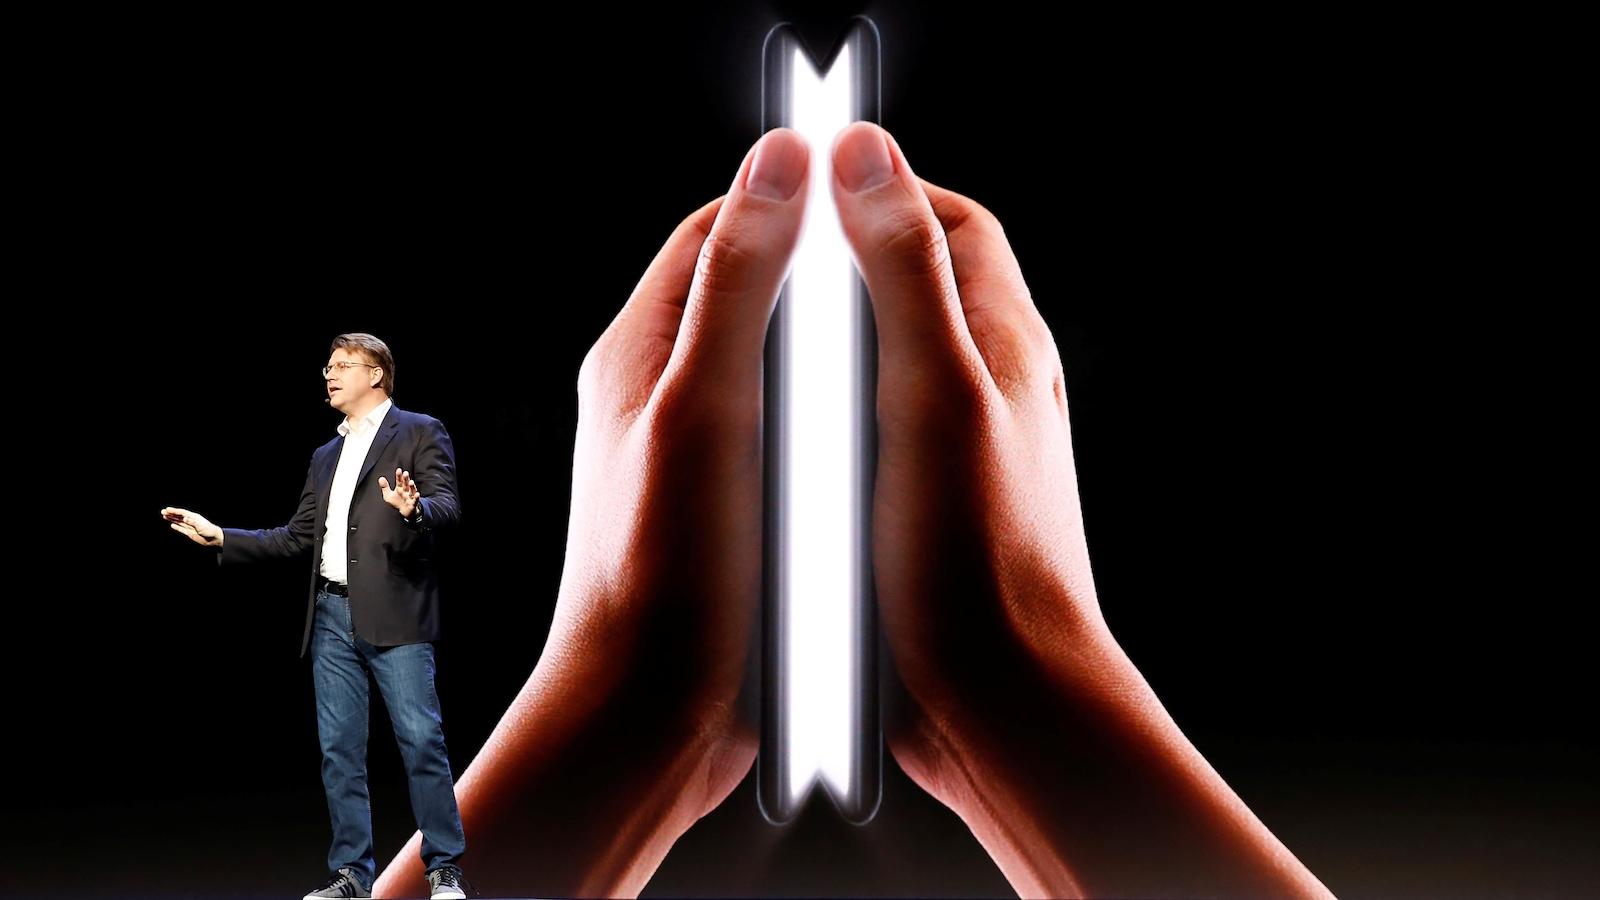 Un homme en veston sur une scène en train de parler avec un écran géant affichant un téléphone pliable derrière lui.